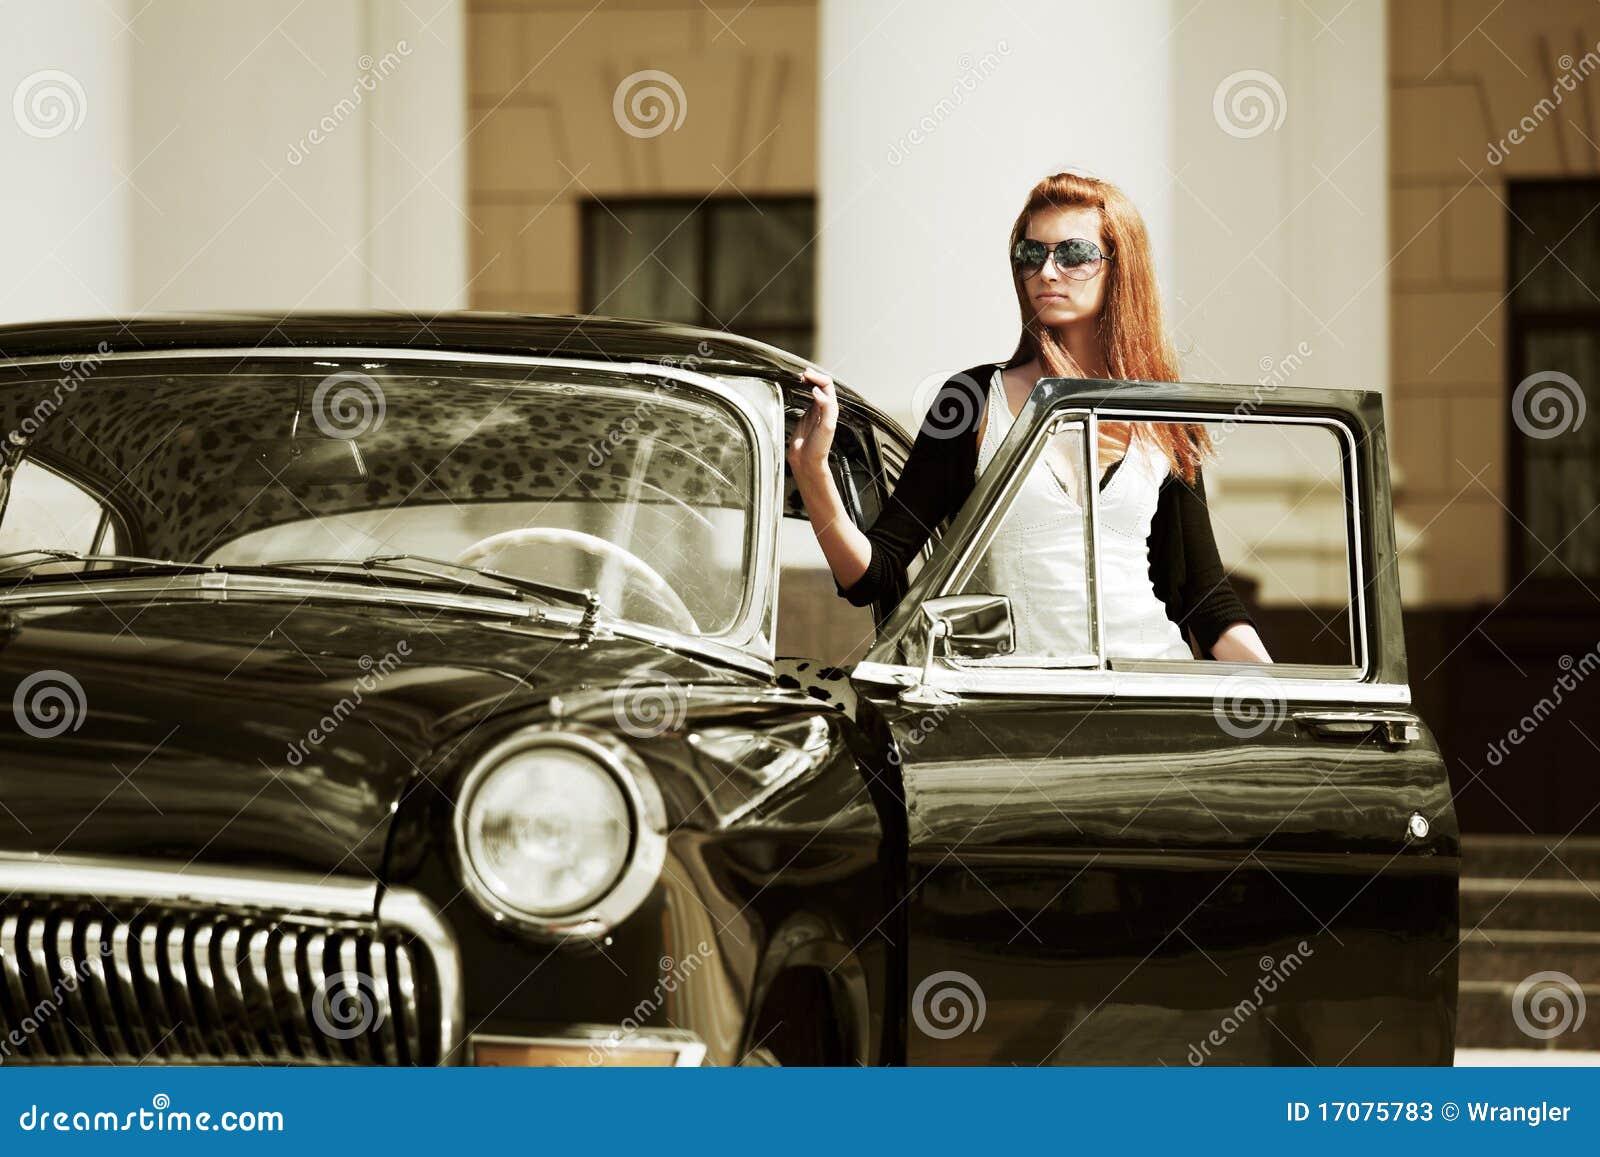 Jeune femme avec un rétro véhicule.